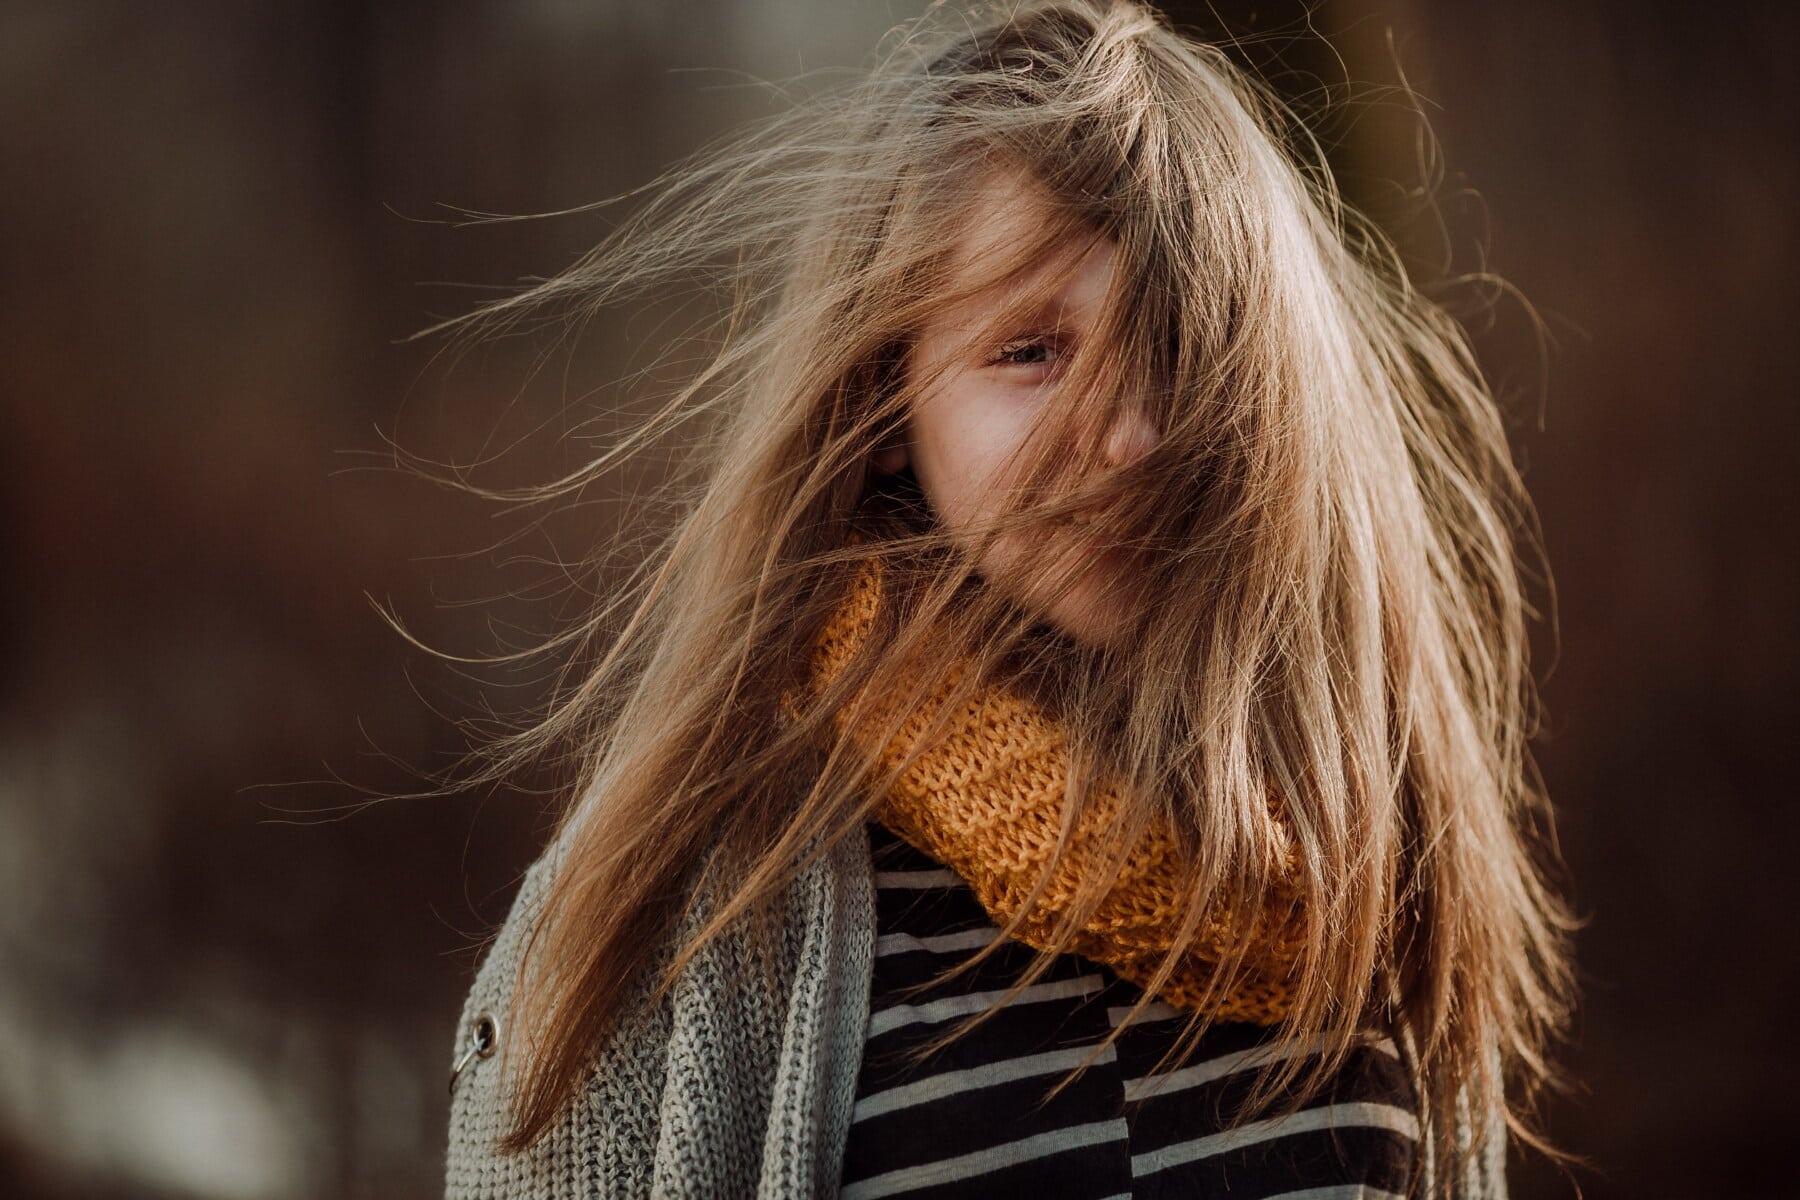 người phụ nữ trẻ, thiếu niên, Cô bé xinh đẹp, kiểu tóc, chân dung, hạnh phúc, tuổi vị thành niên, ngây thơ, Gió, tóc